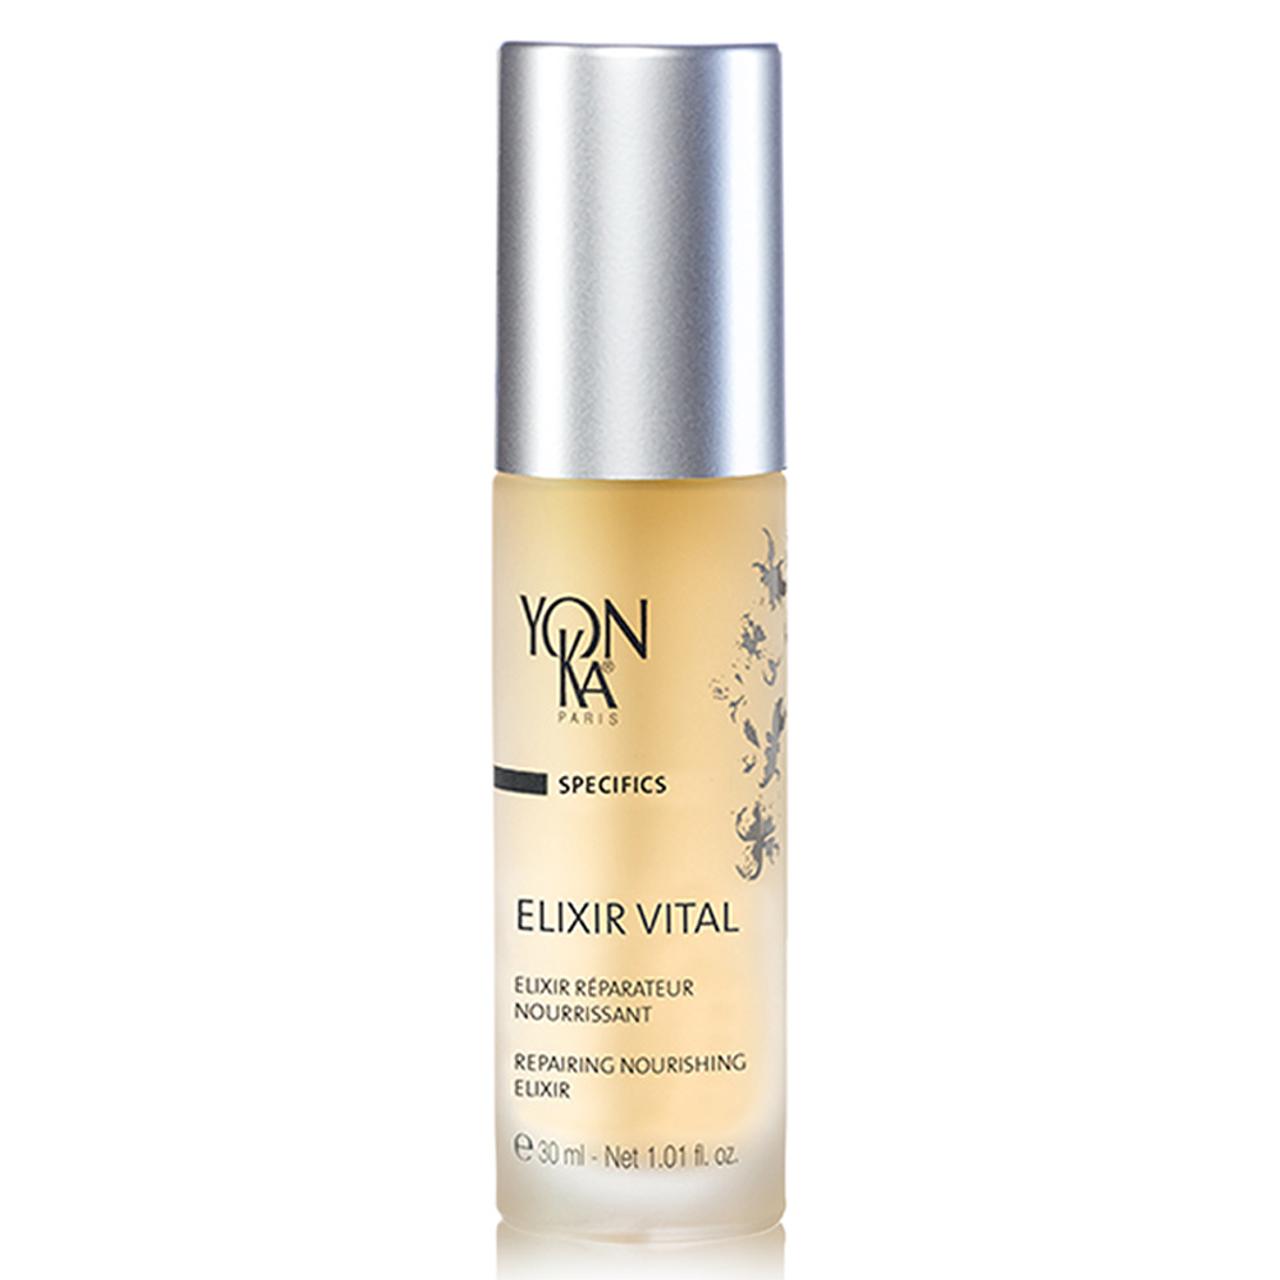 YonKa Elixir Vital BeautifiedYou.com